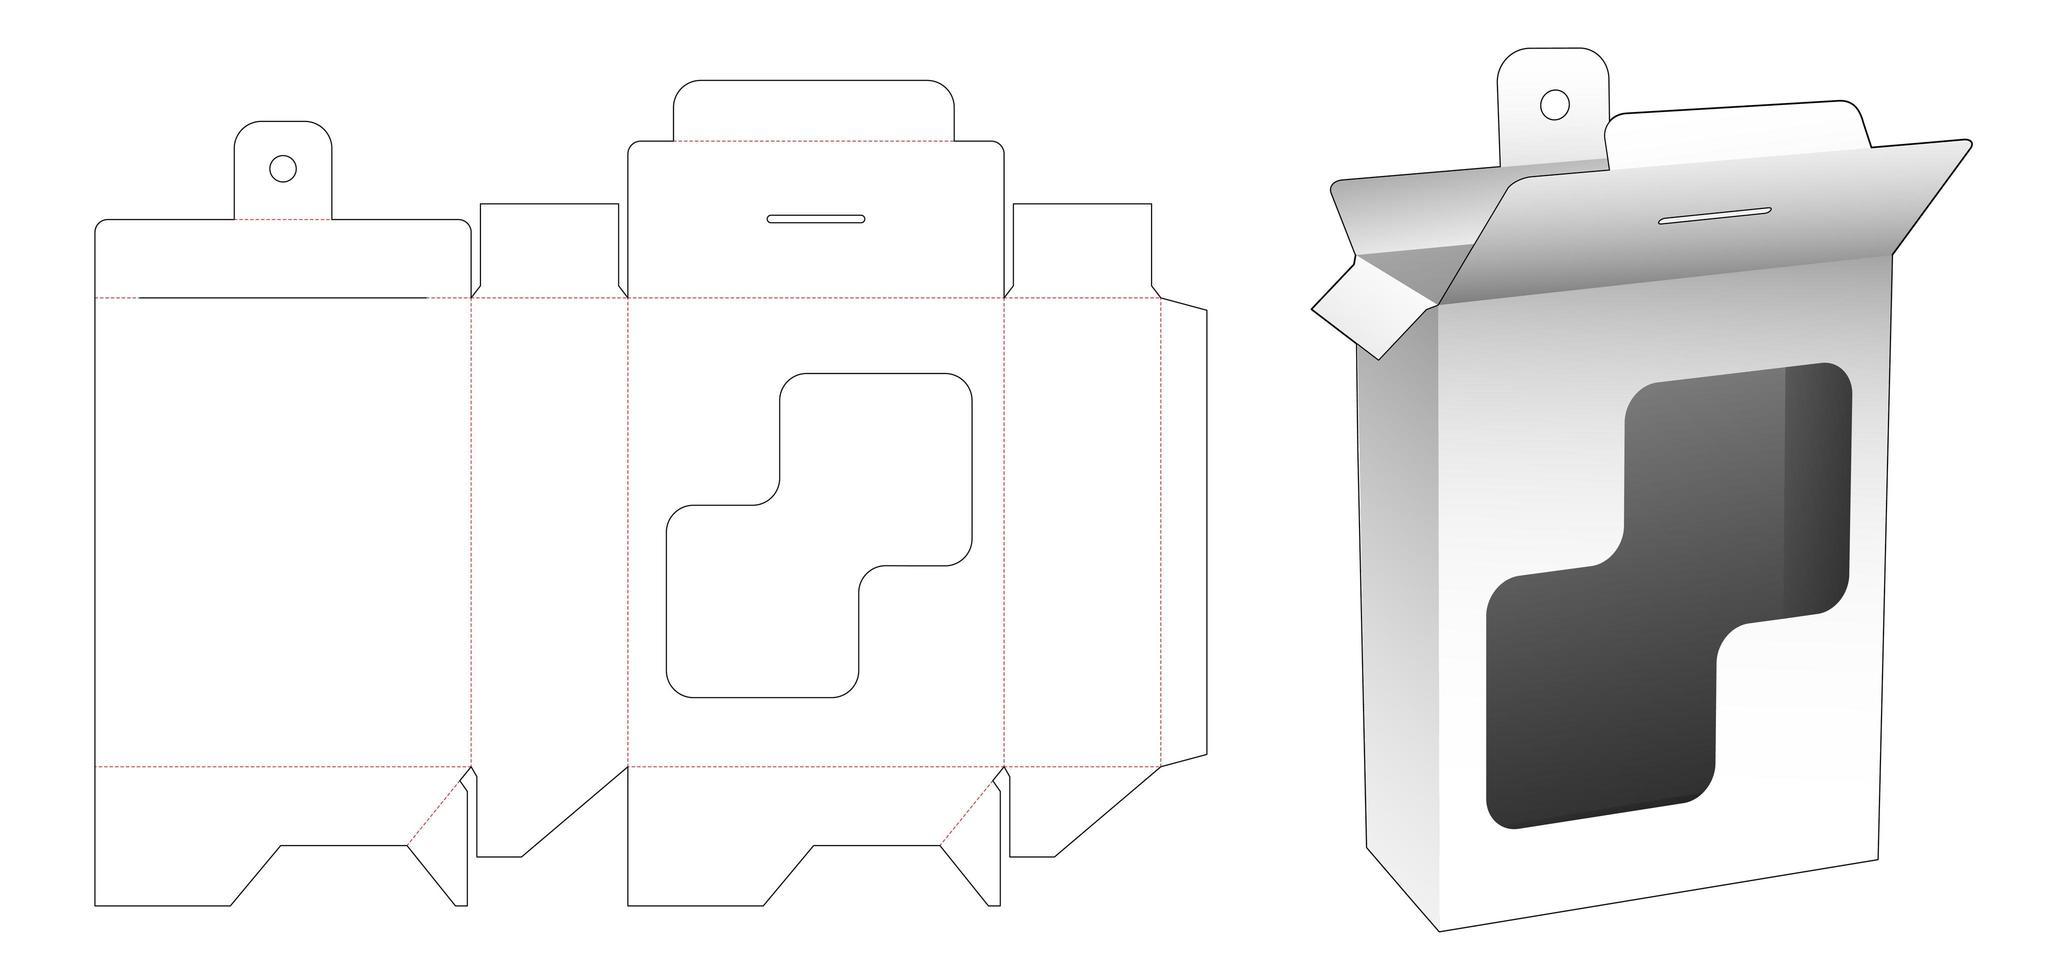 scatola rettangolare pensile con finestra rettangolare vettore